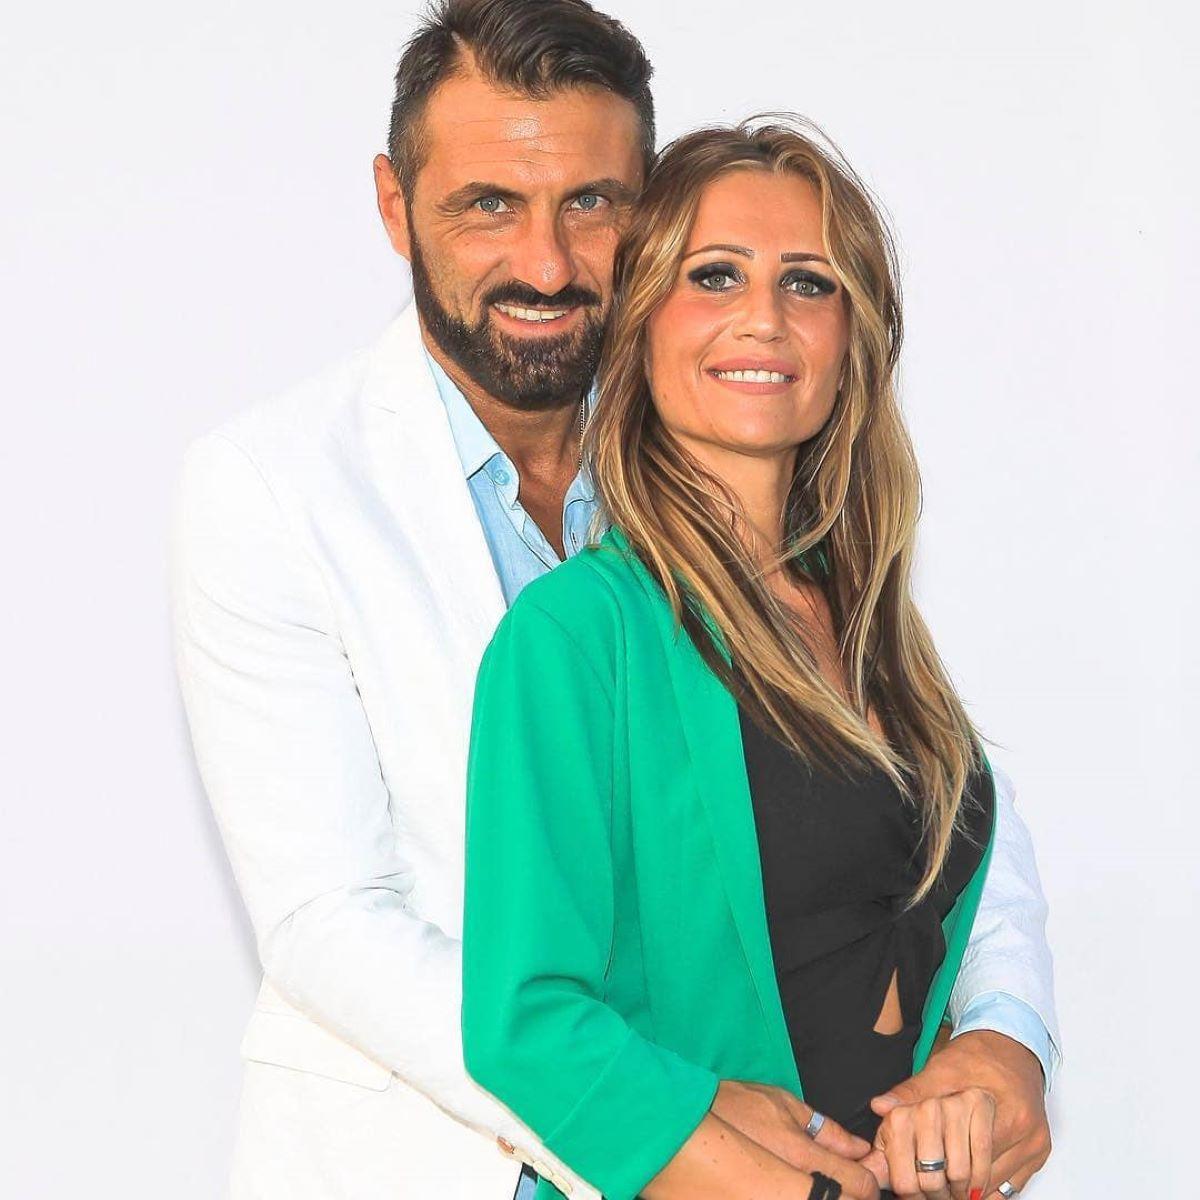 Sossio Aruta Dedica Ursula Bennardo Tatuaggio